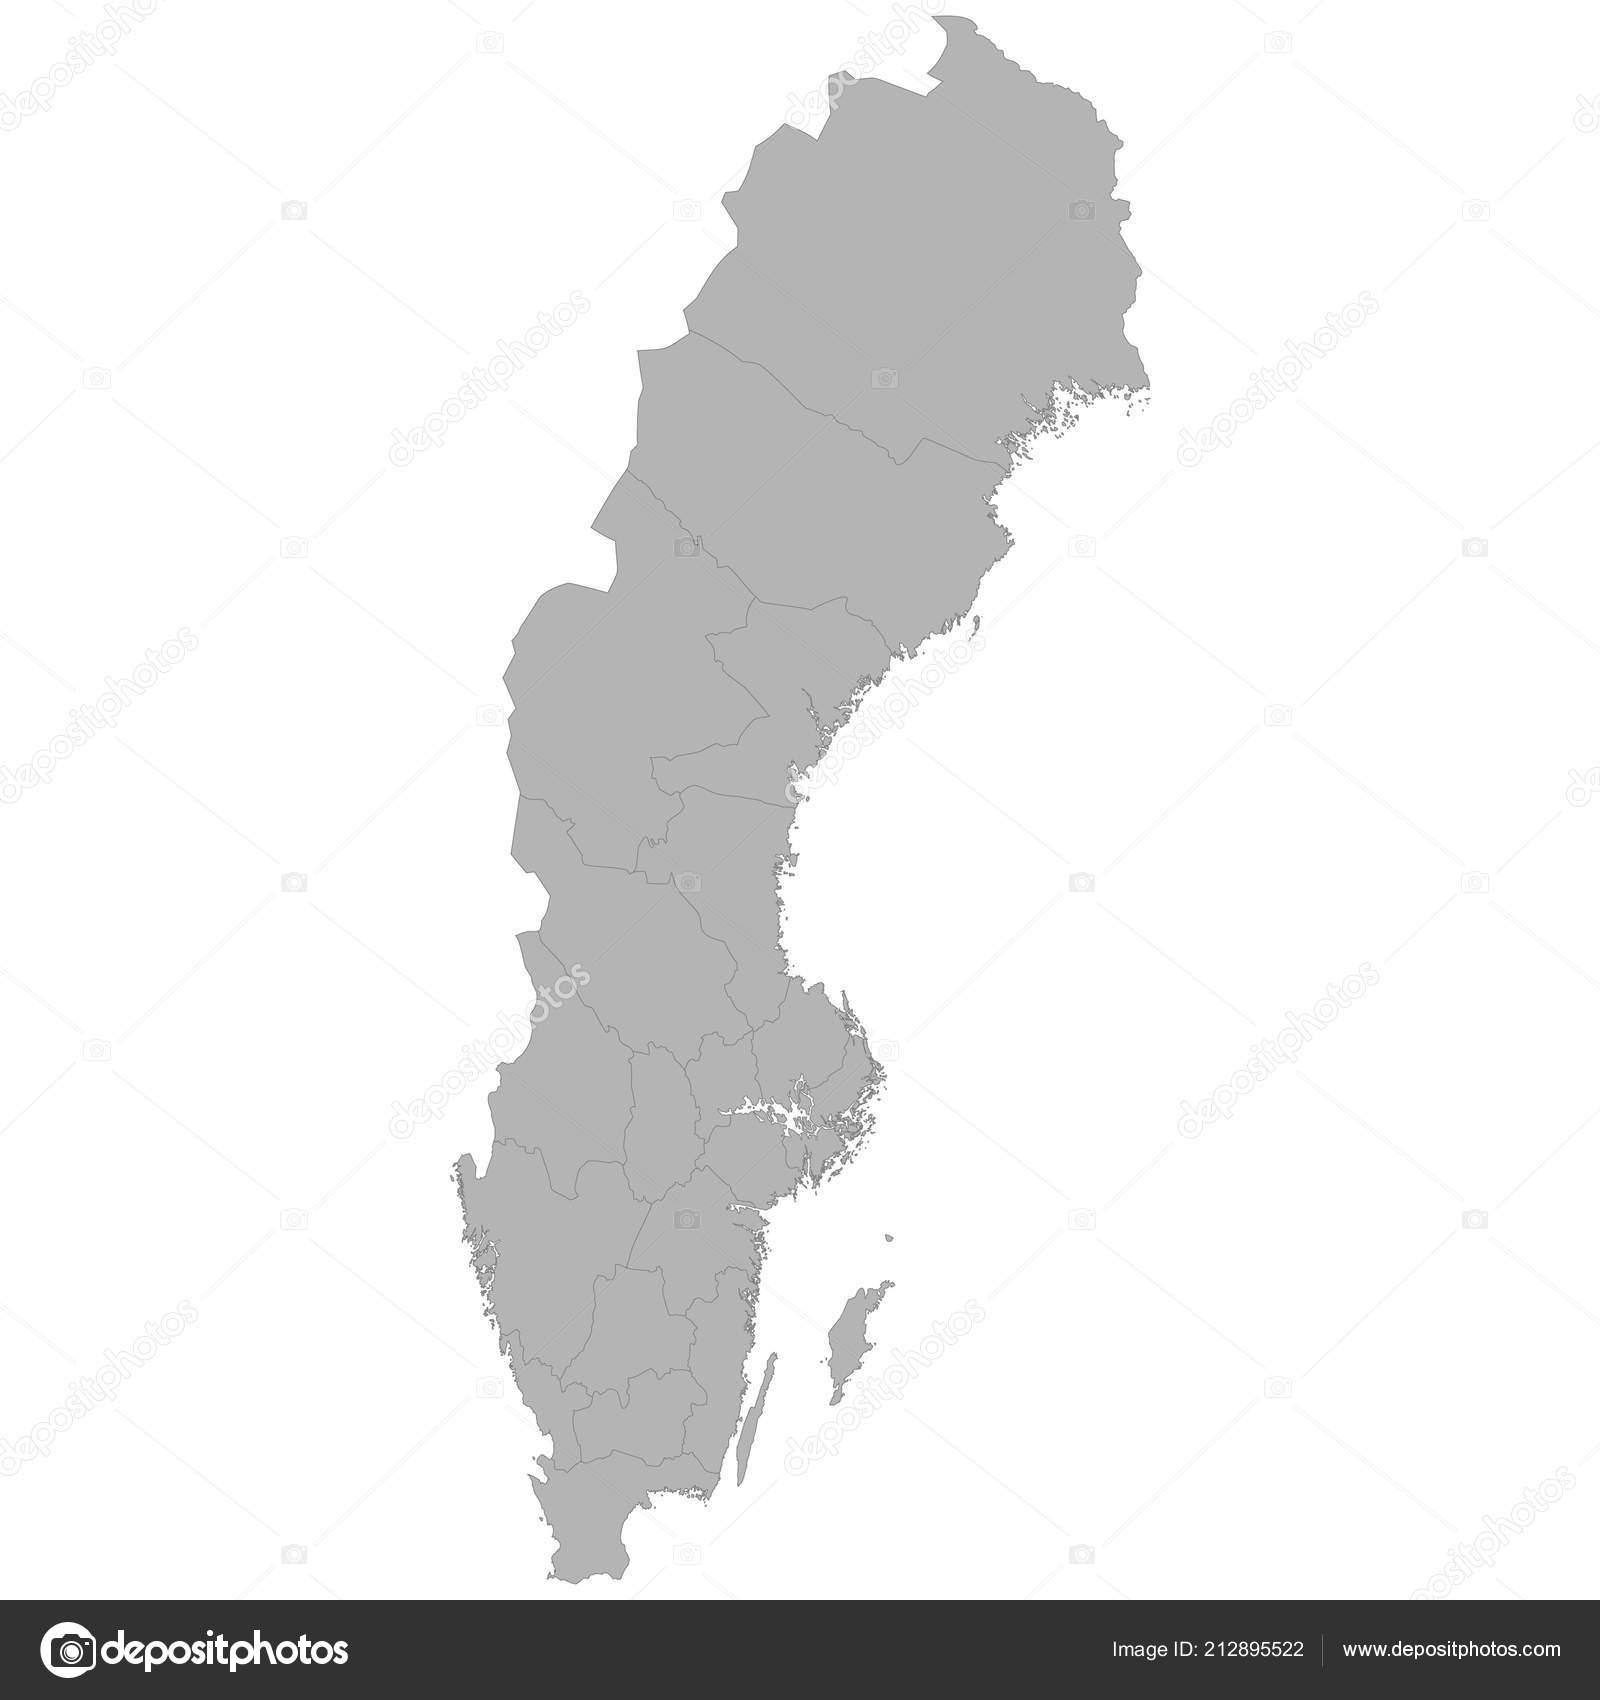 Schweden Karte Regionen.Hochwertige Karte Von Schweden Mit Grenzen Der Regionen Auf